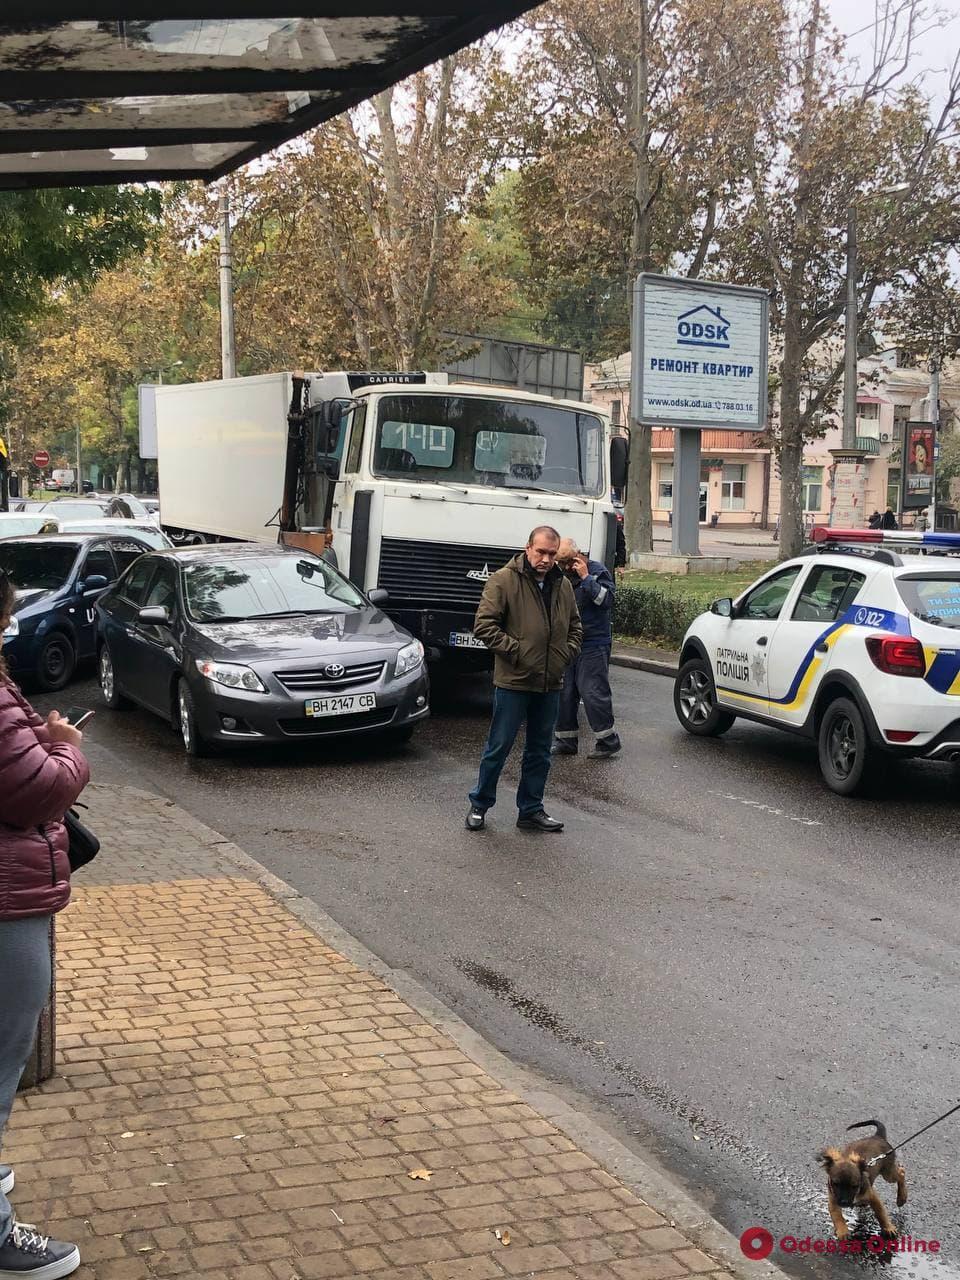 Пробка на Адмиральском: в Одессе грузовик столкнулся с легковым авто